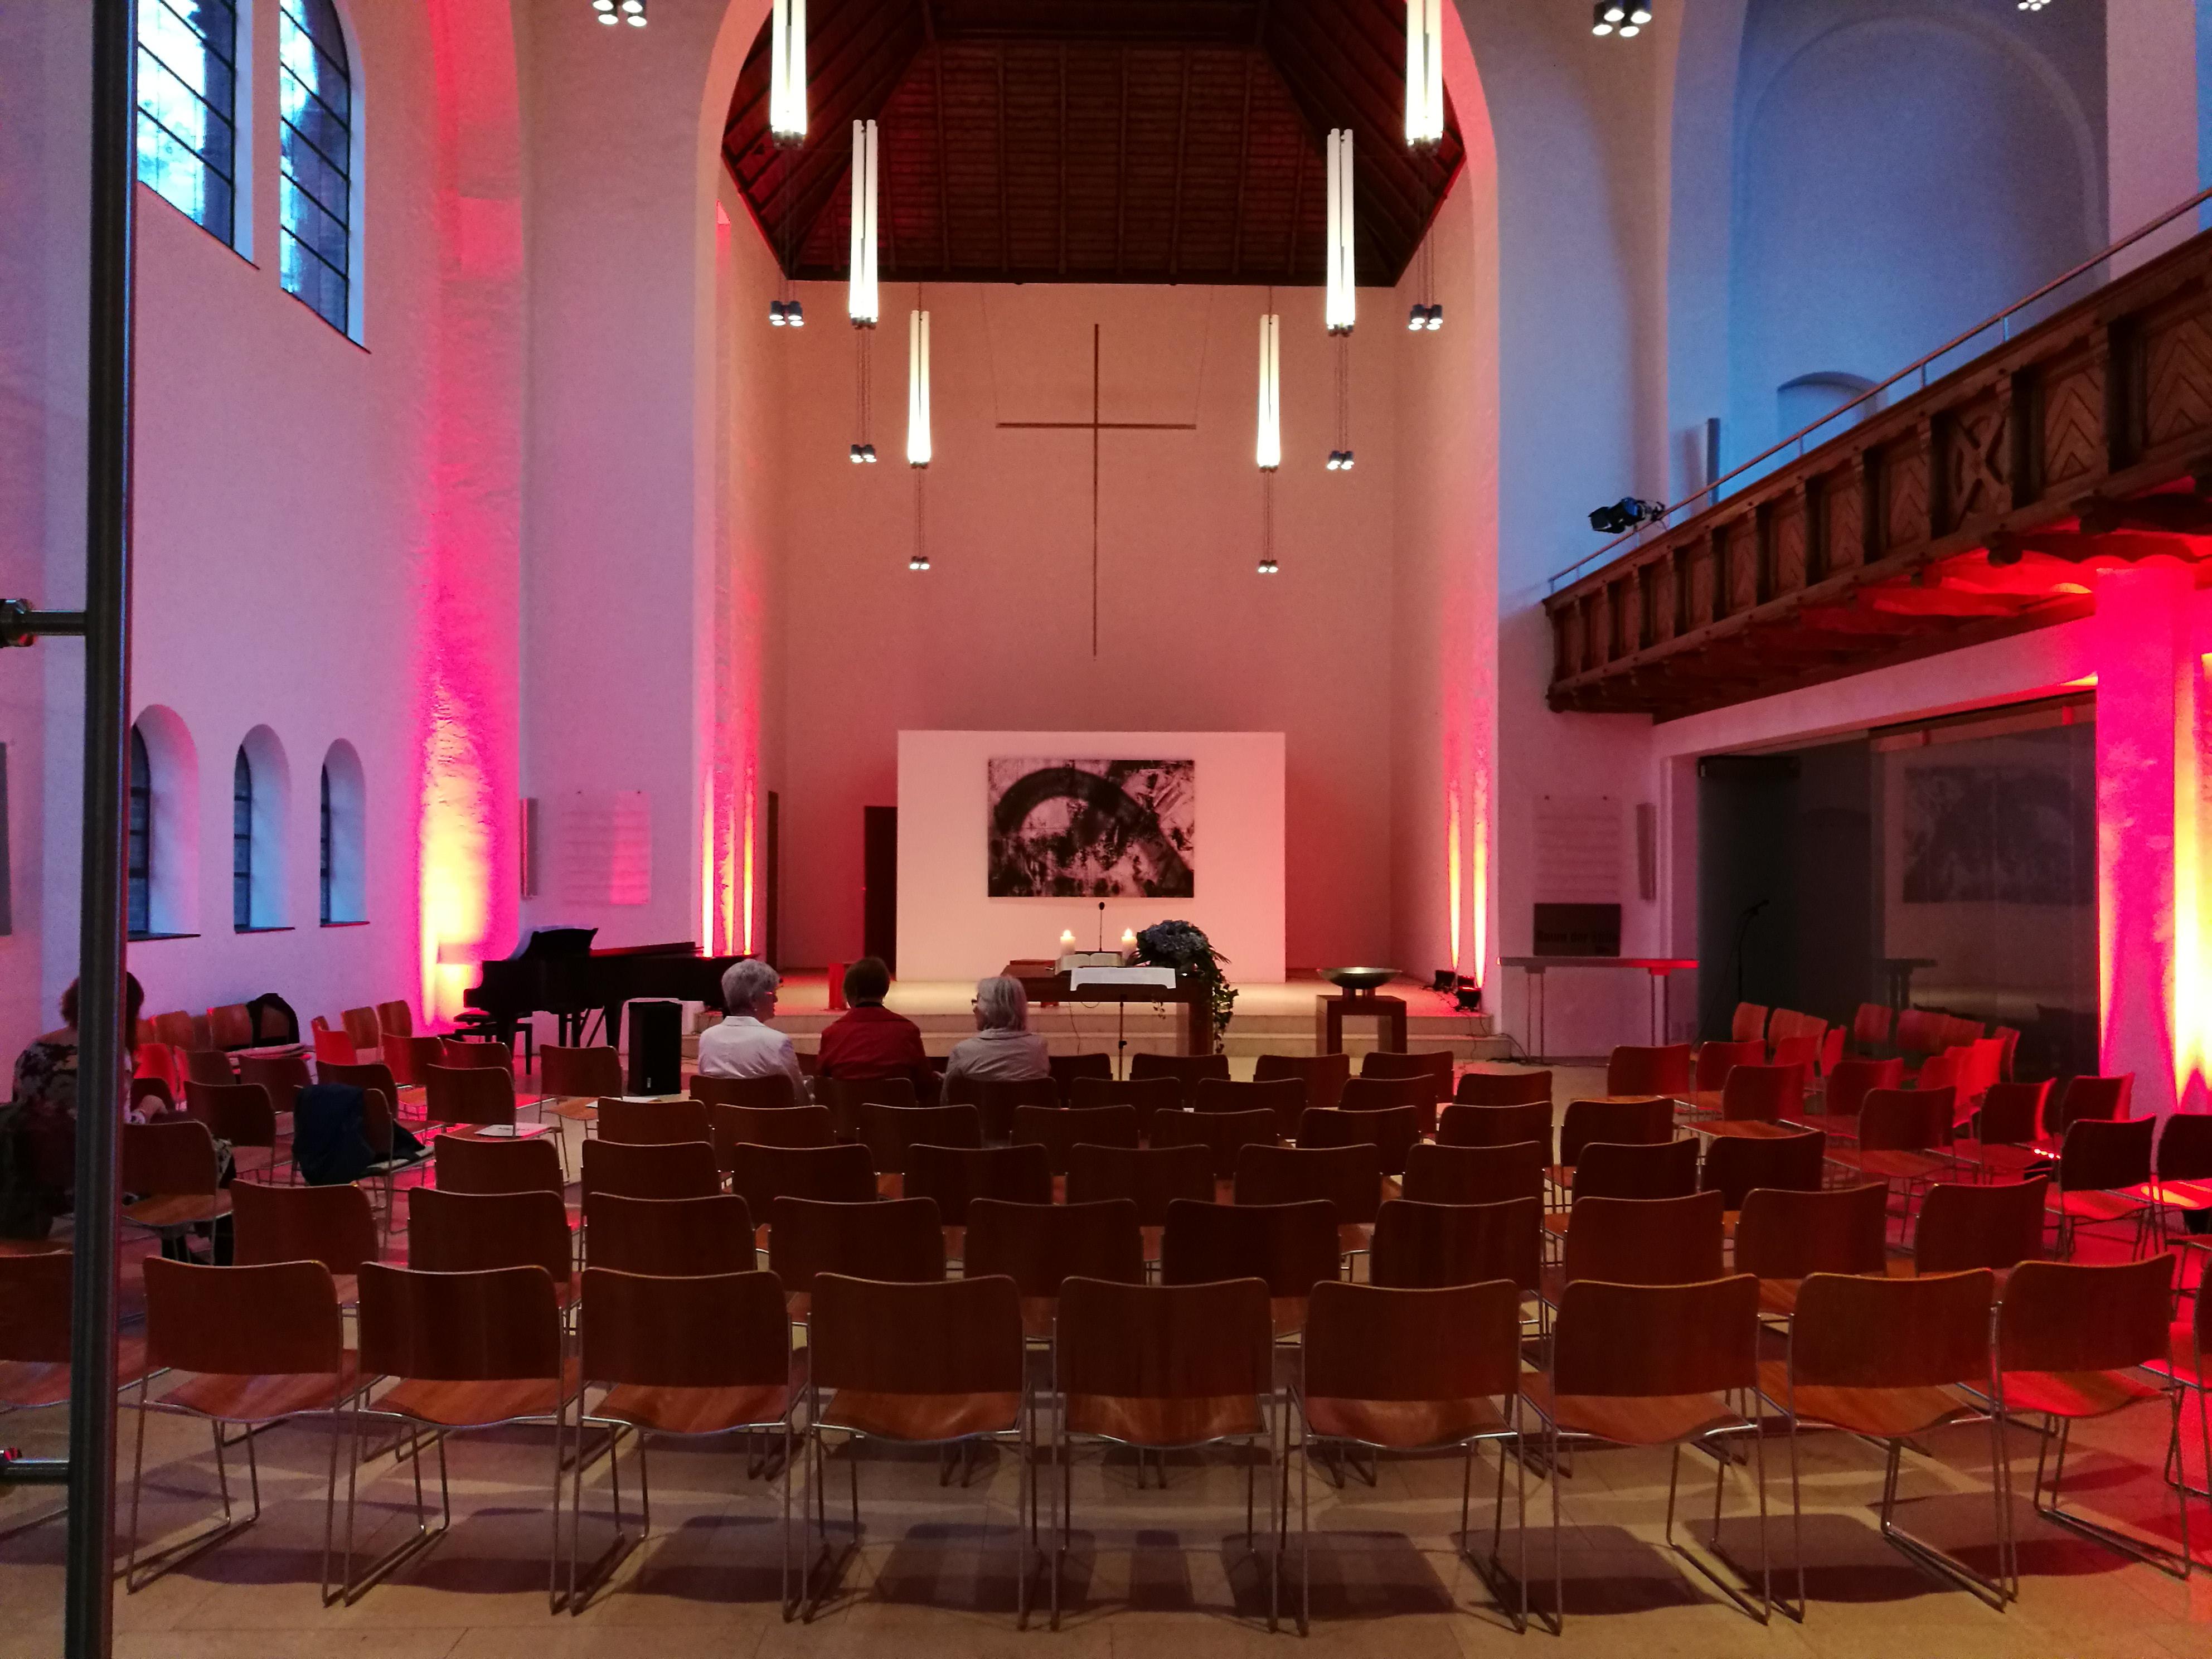 Blick in die Johanneskirche mit stimmungsvoller Beleuchtung